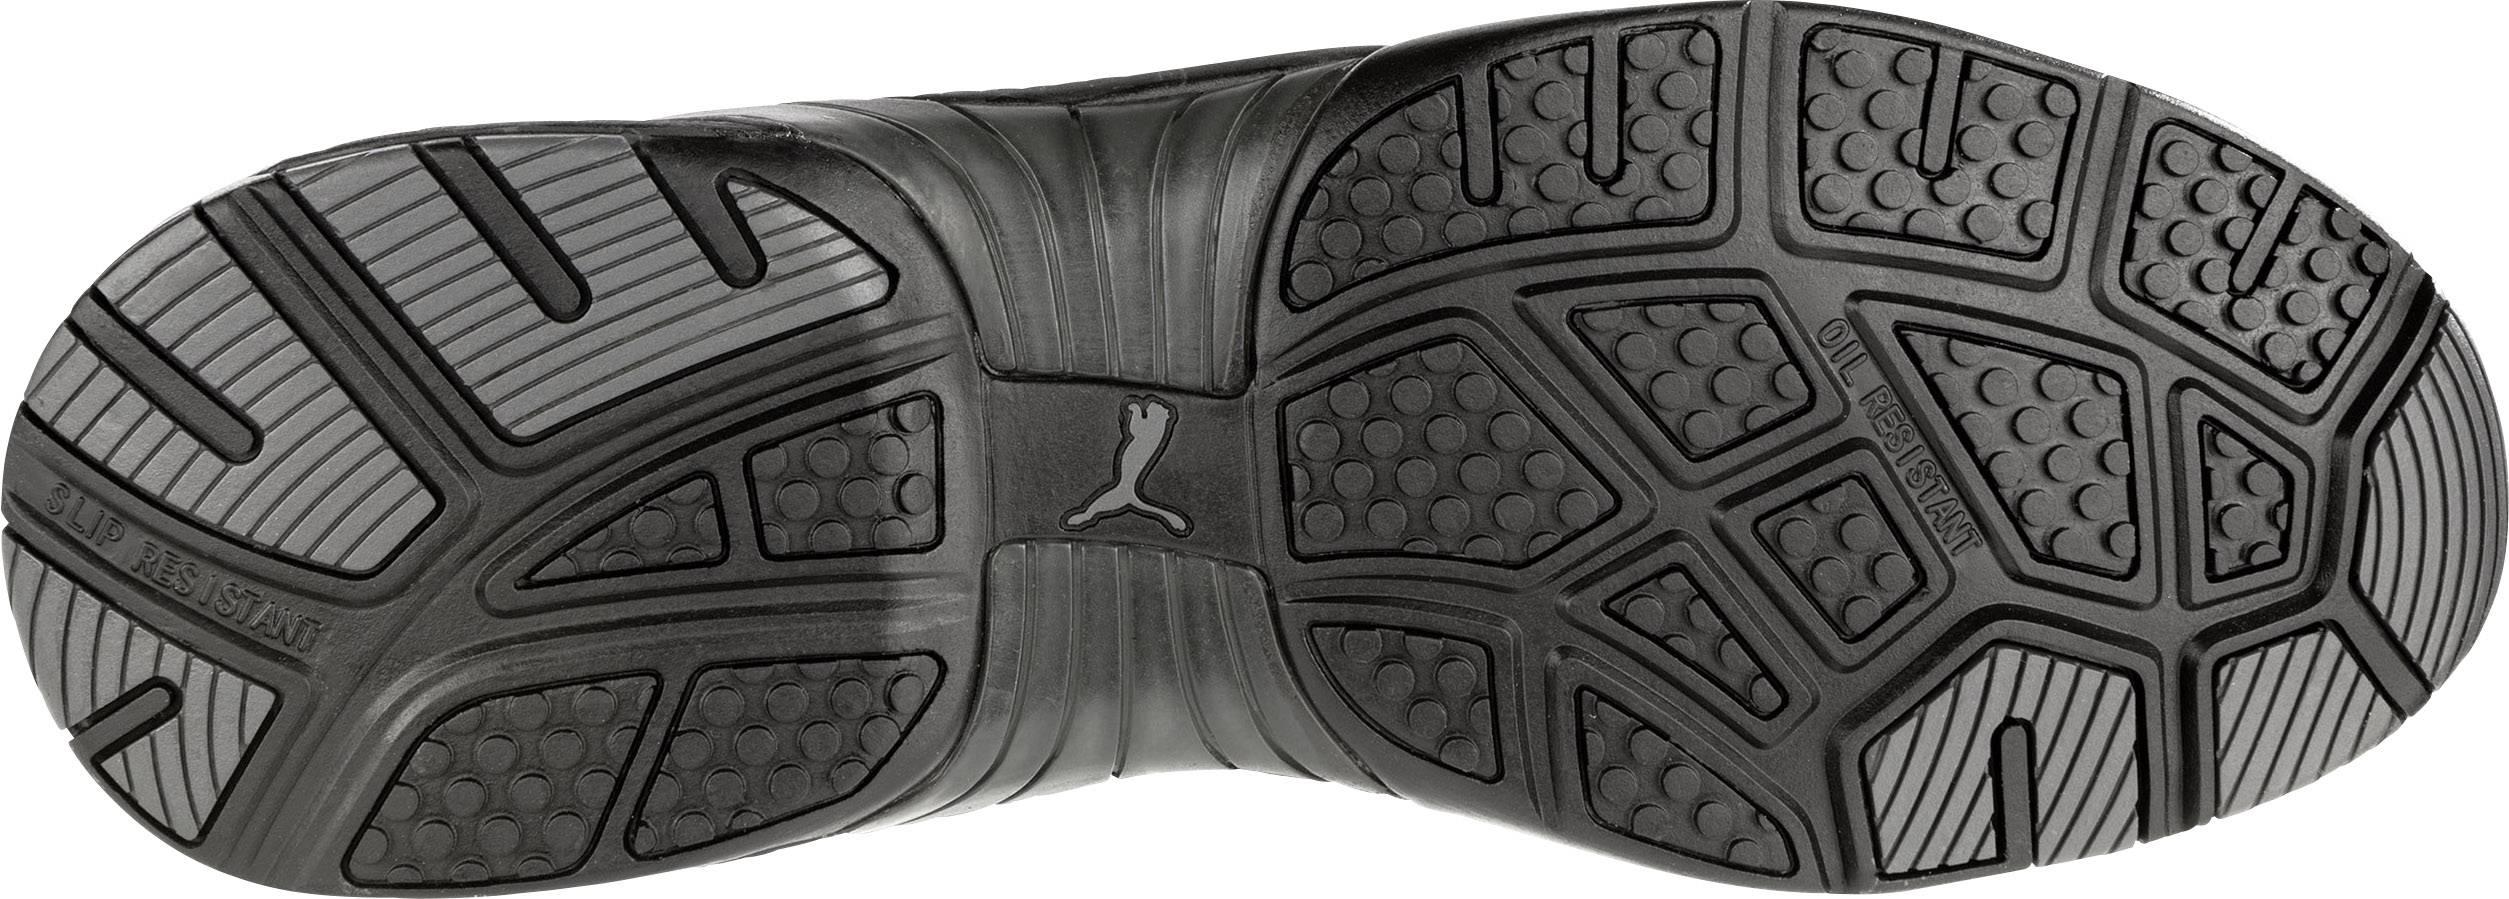 PUMA Safety Velocity Wns Low 642850 Chaussures basses de sécurité S3 Taille: 38 noir 1 paire